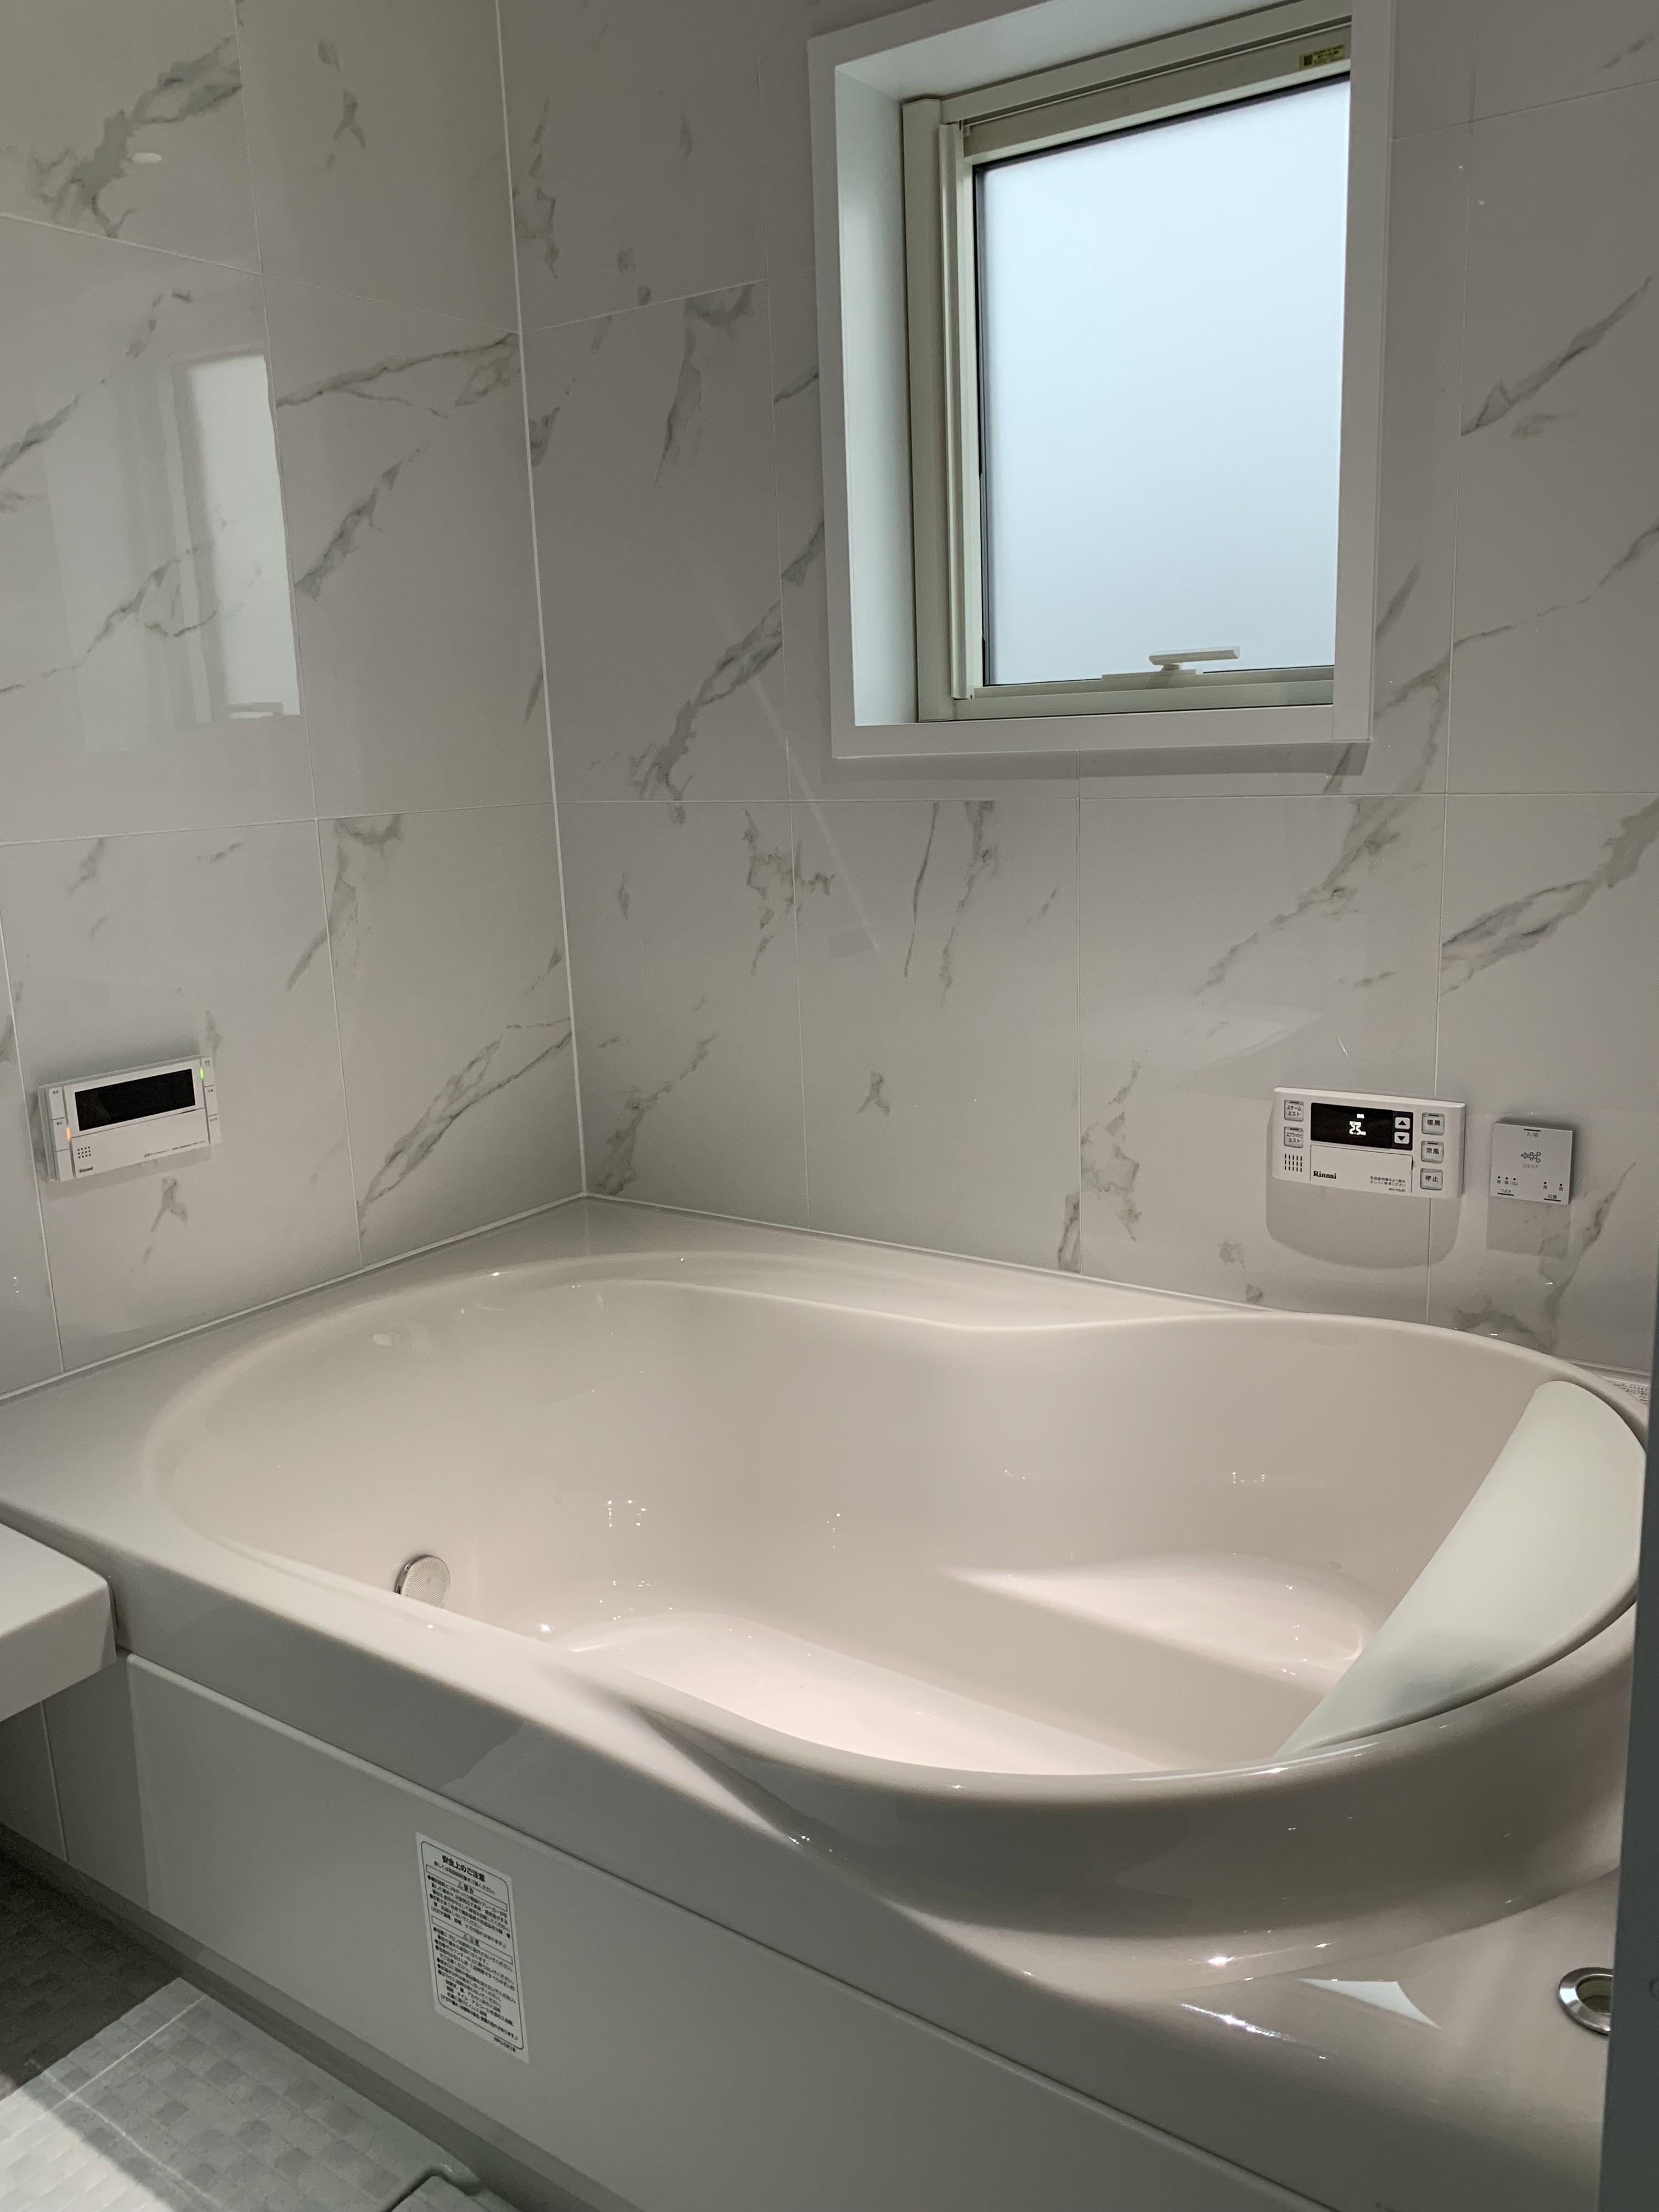 Lixil スパージュ ブライトマーブルホワイト リフォーム バスルーム